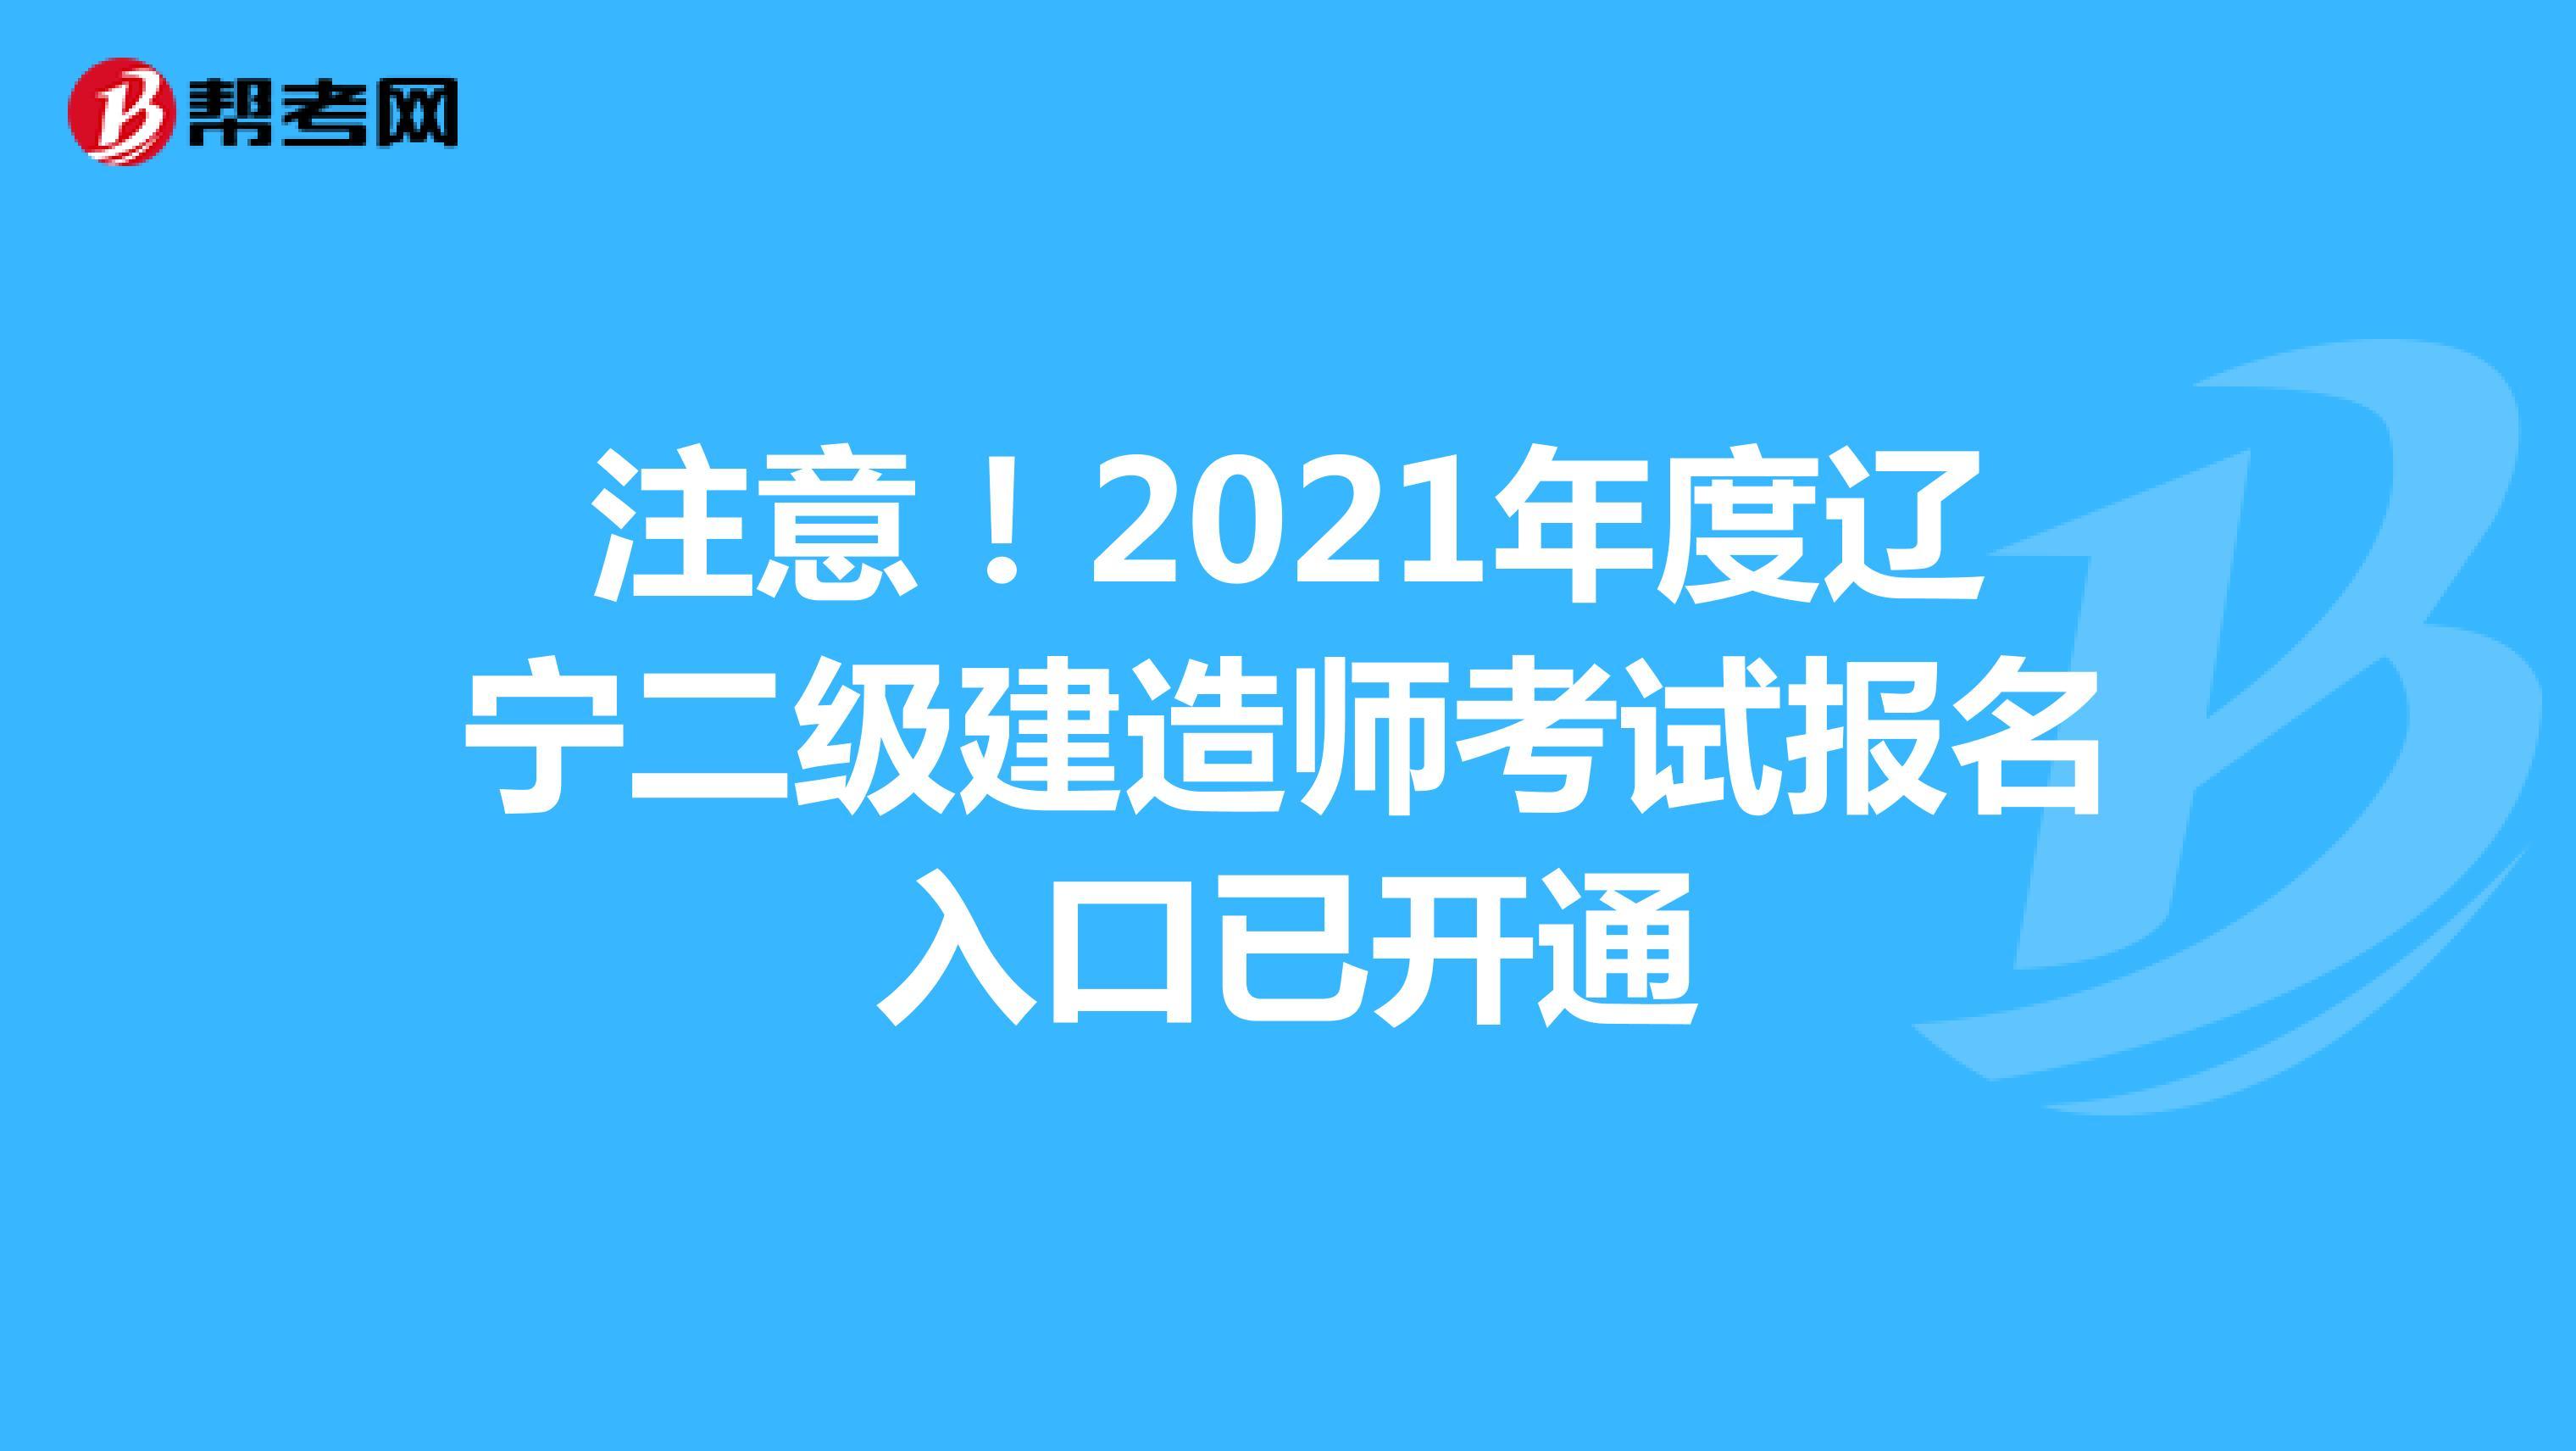 注意!2021年度遼寧二級建造師考試報名入口已開通